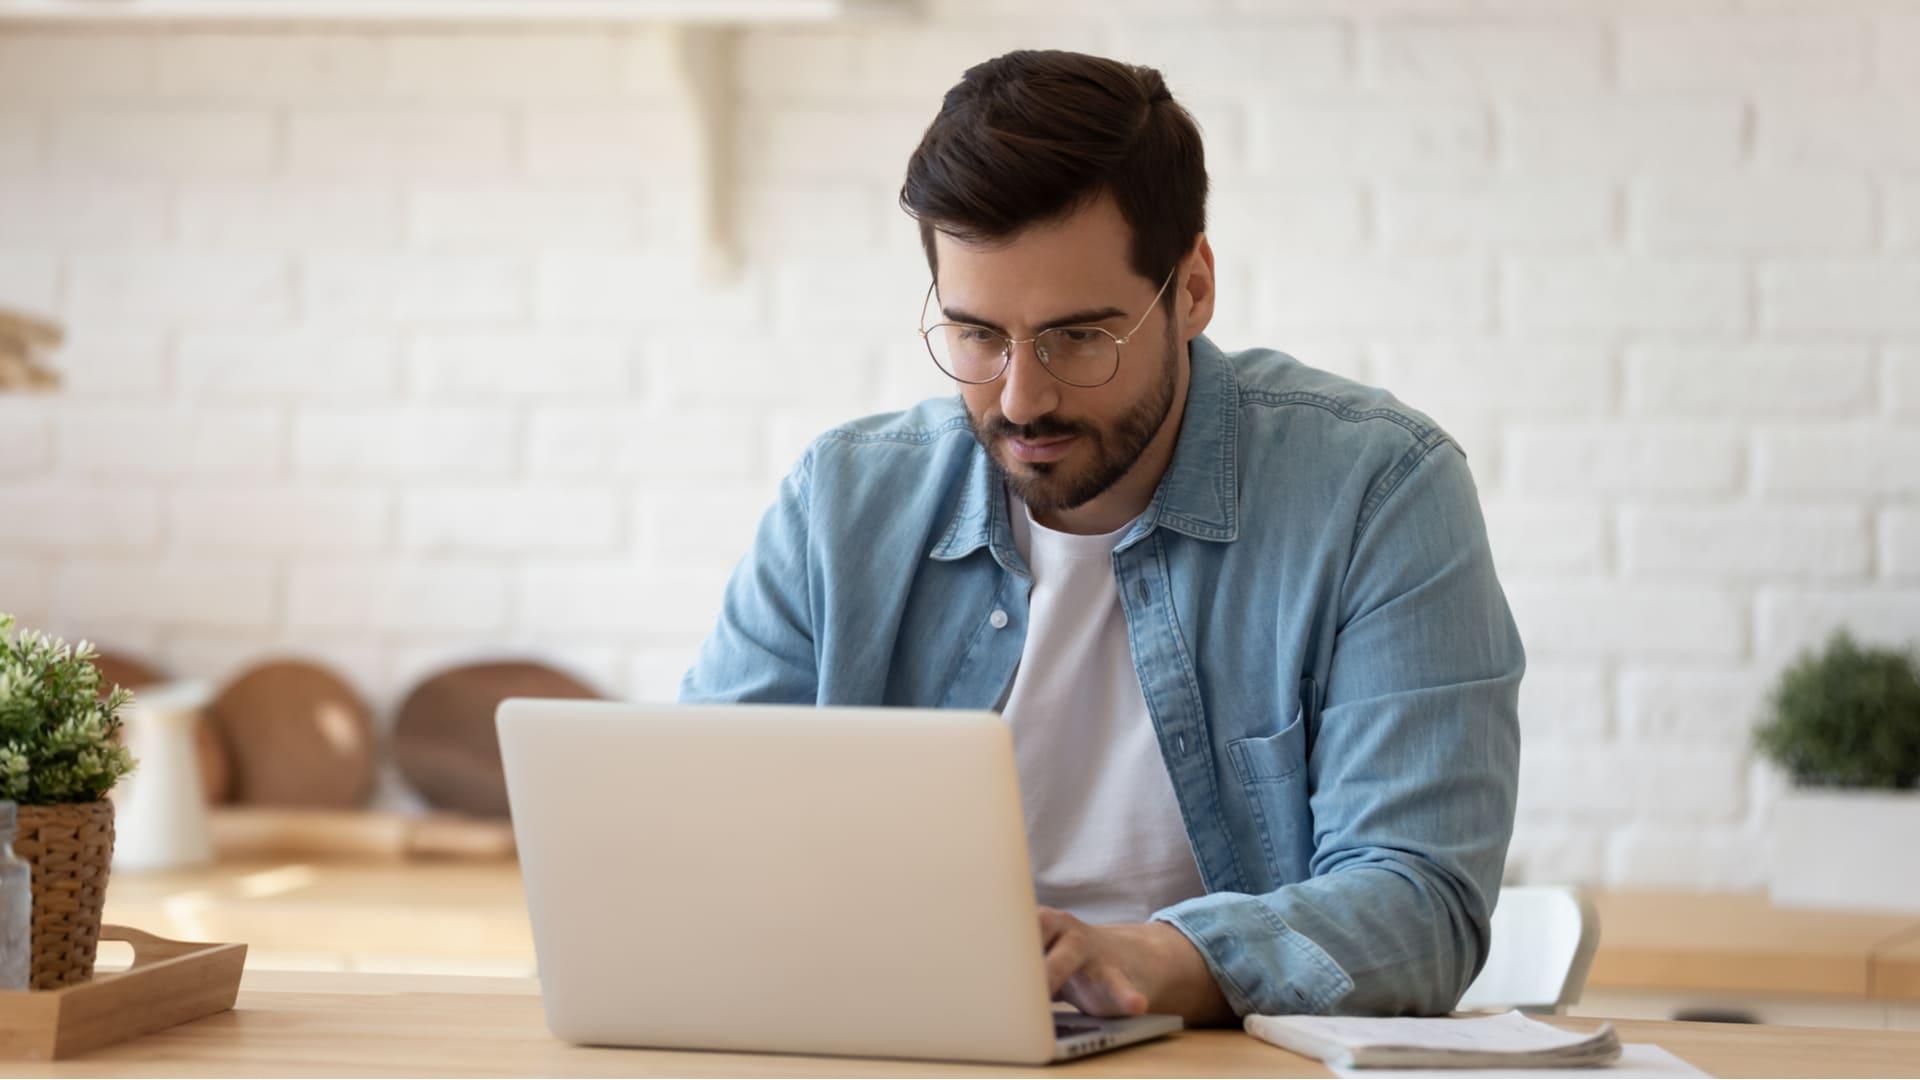 Aprender a como abrir guia anônima pode garantir uma navegação muito mais segura (Foto: Shutterstock)